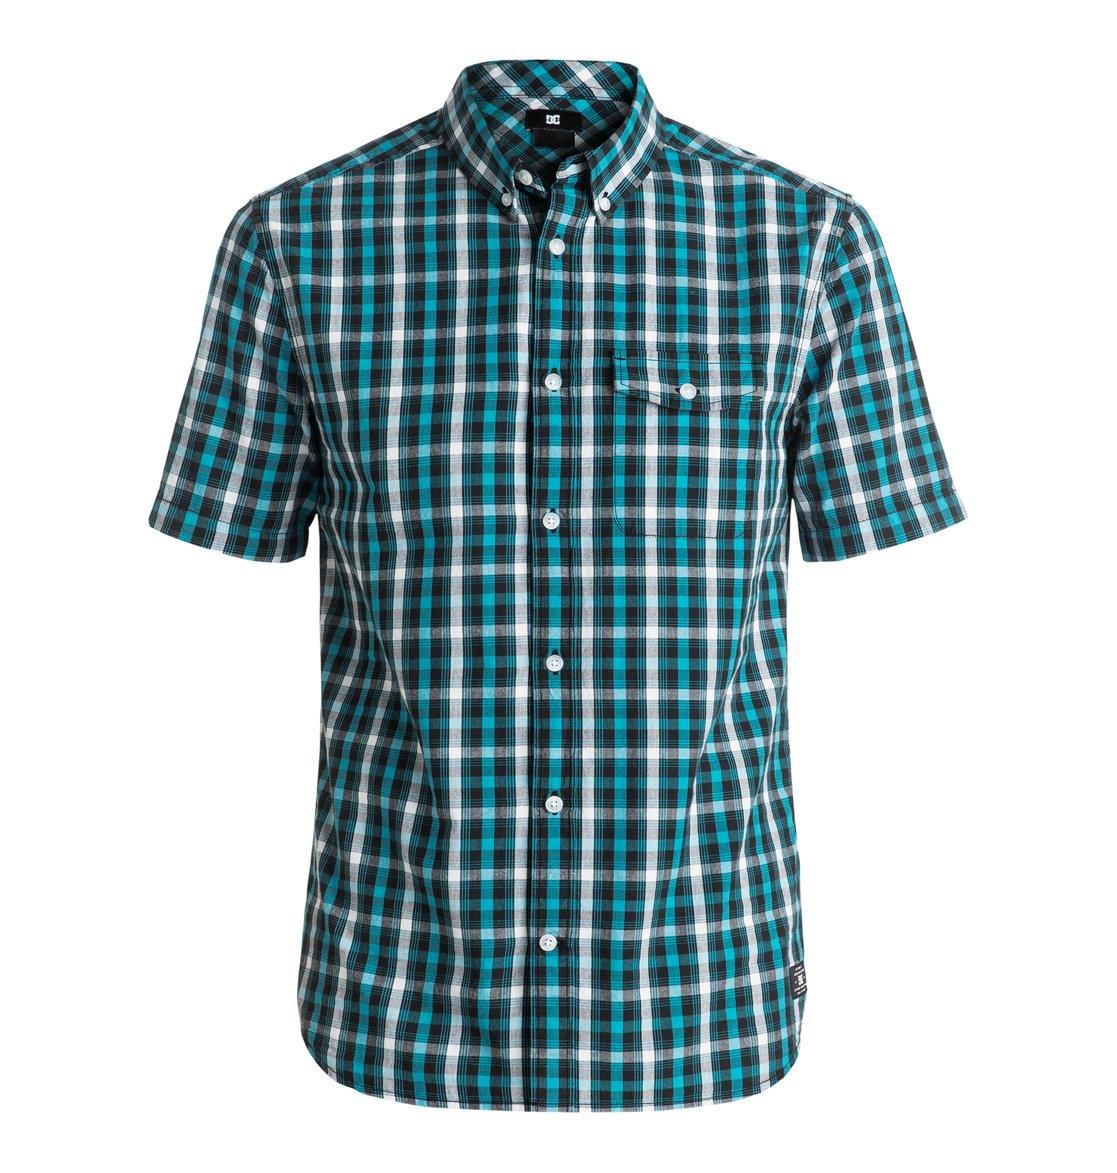 Рубашка Atura 5 с коротким рукавом рубашка в клетку dc atura 3 atura black